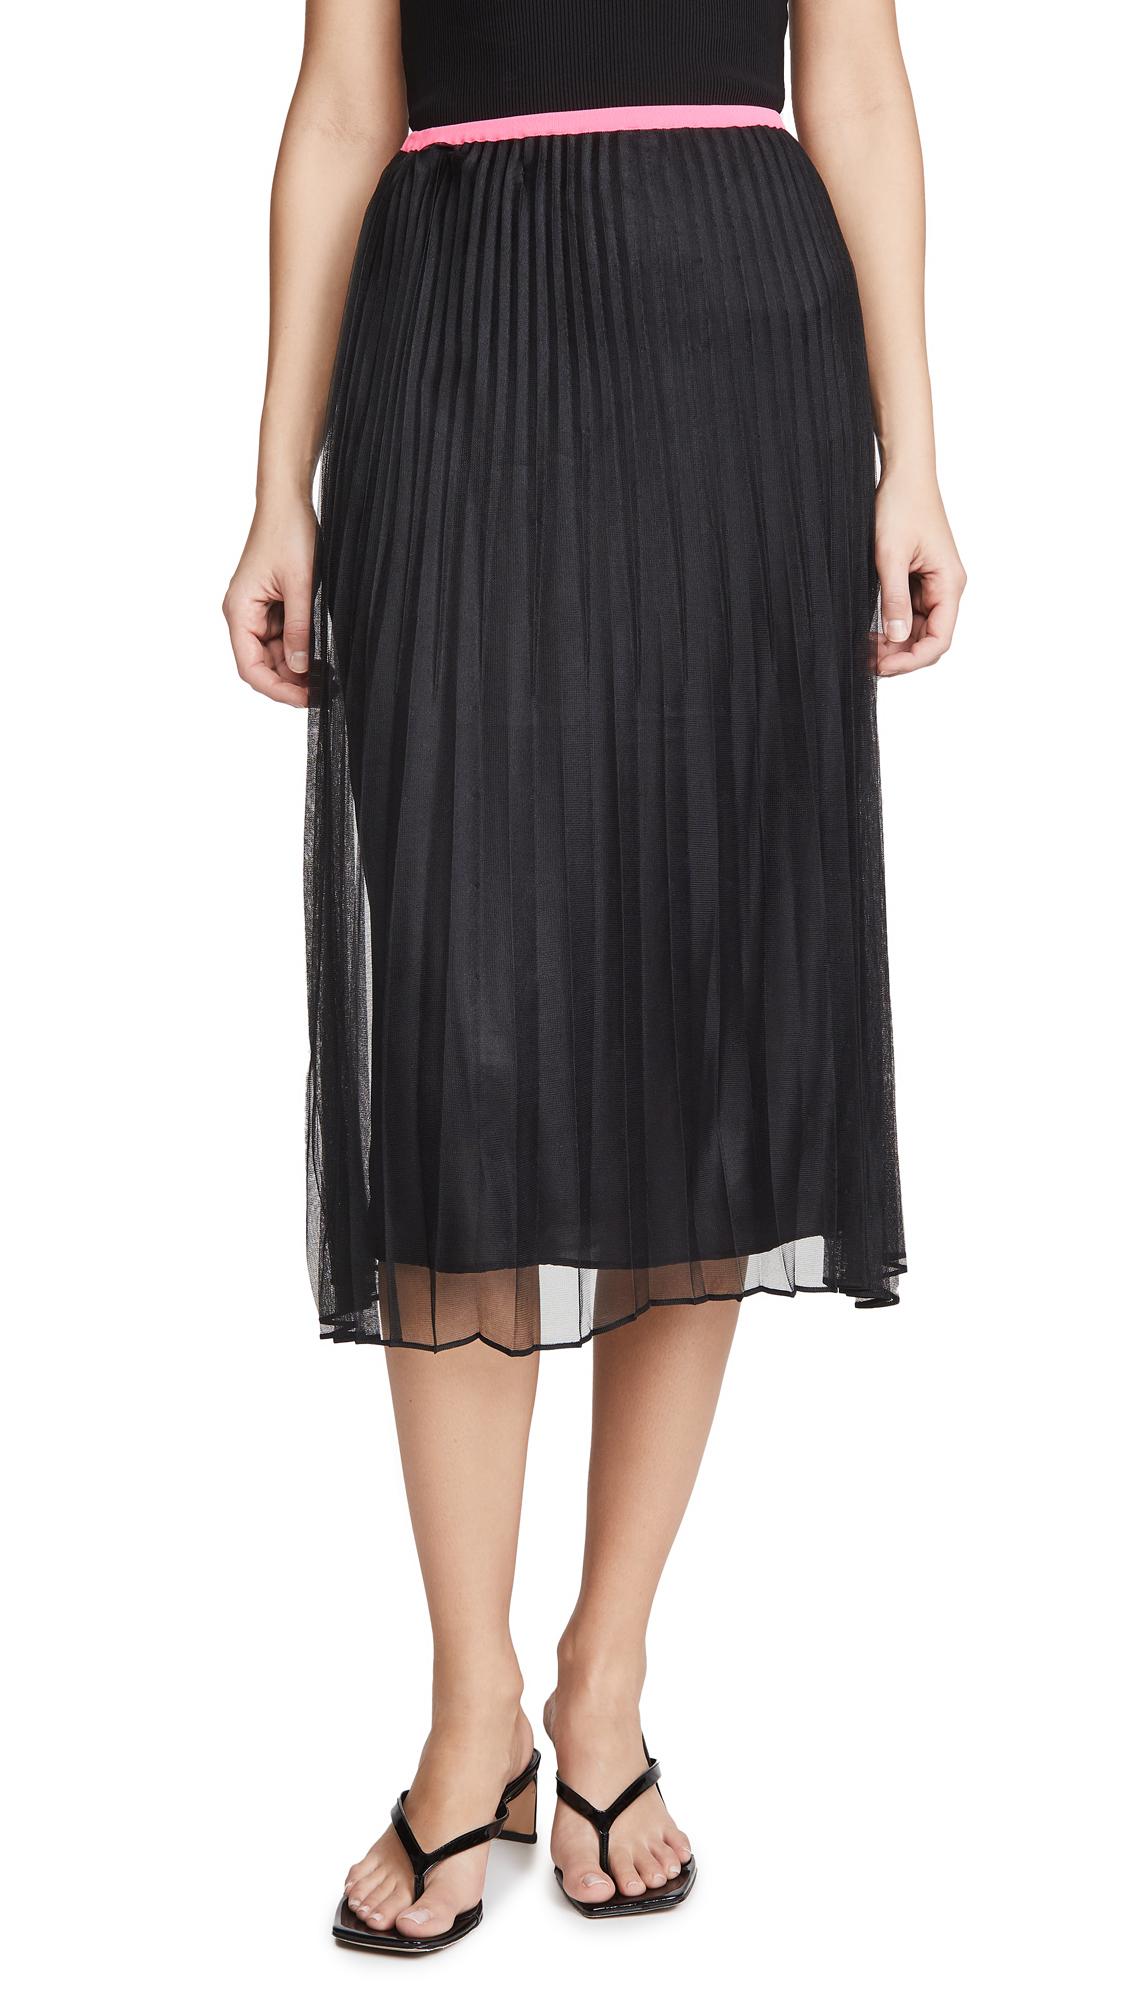 Helmut Lang Pleat Skirt